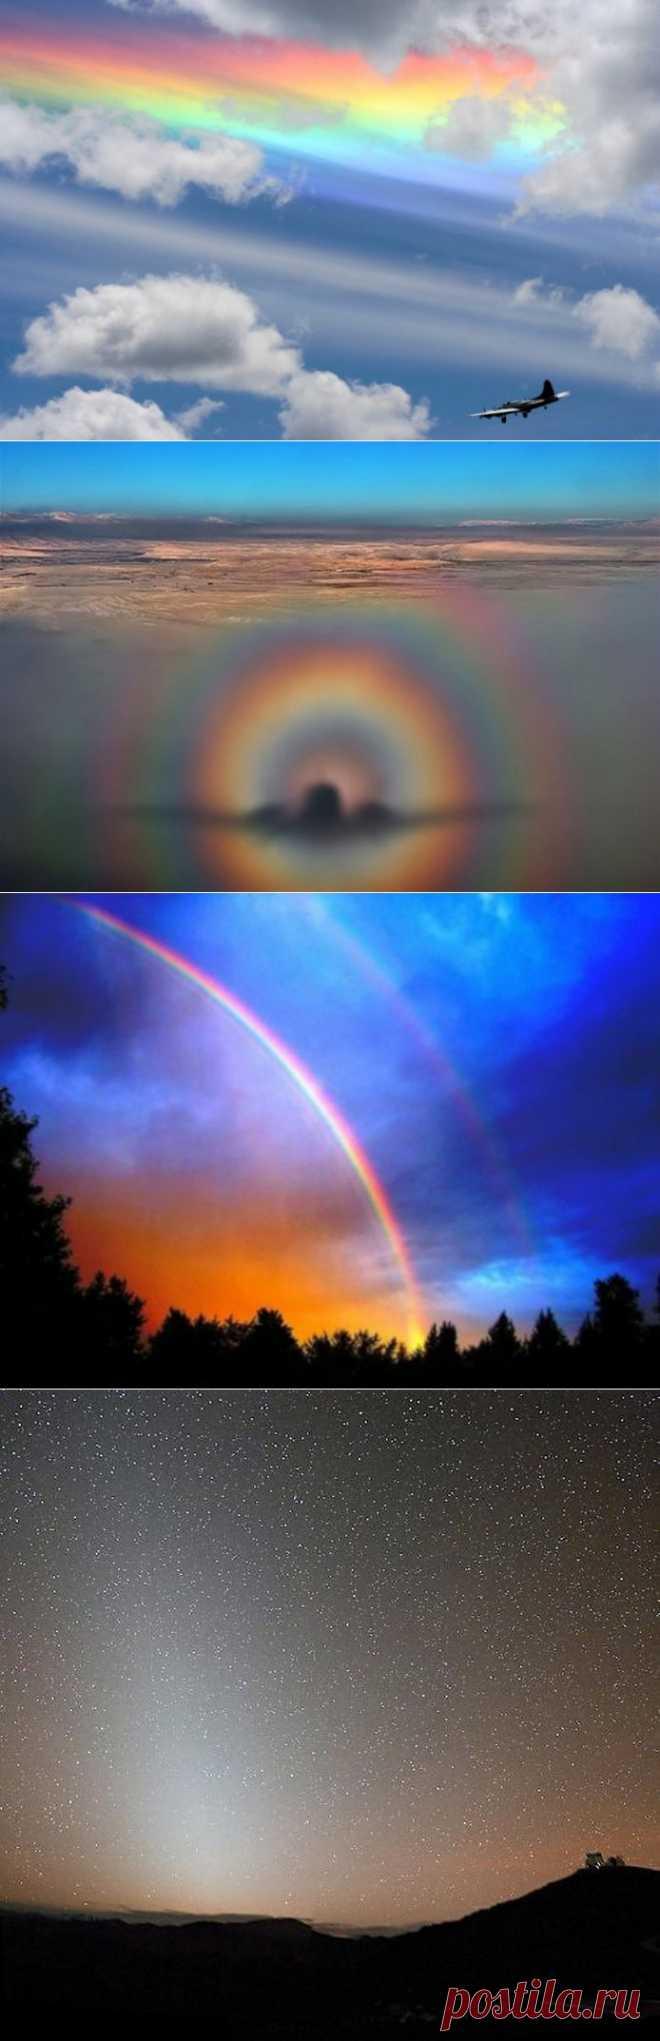 Редкие световые феномены в фотографиях | Занимательный журнал